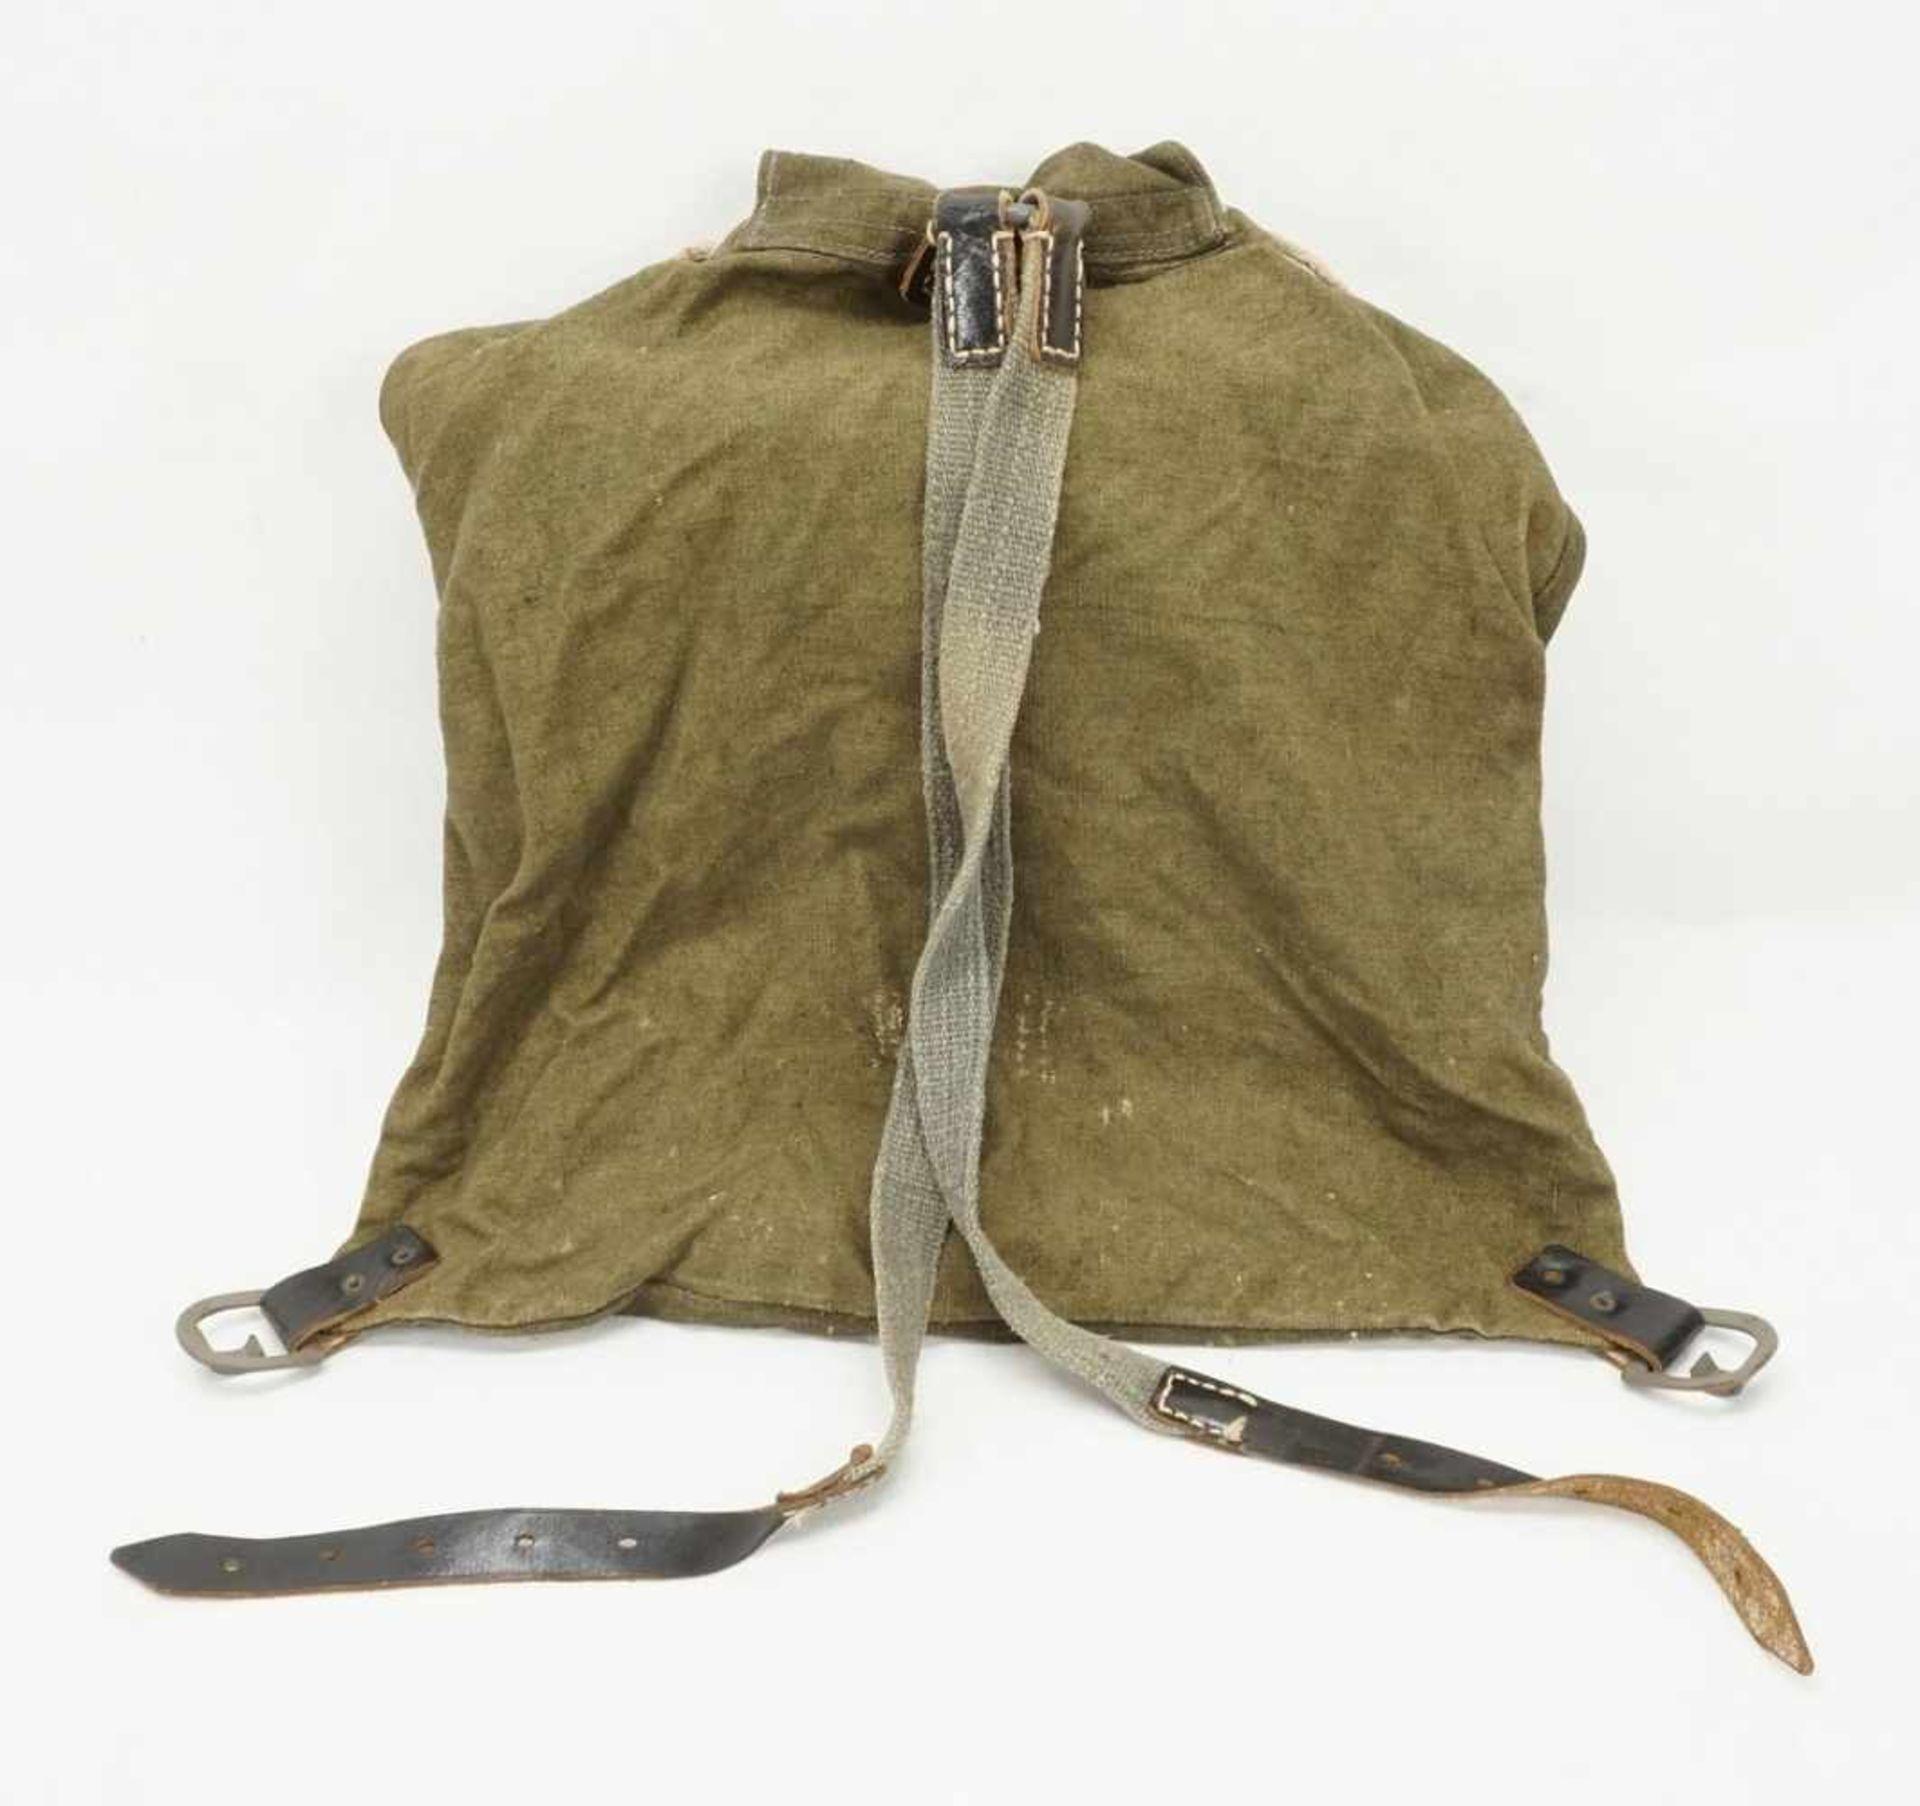 Affe und Rucksack mit Inhalt - Bild 3 aus 4